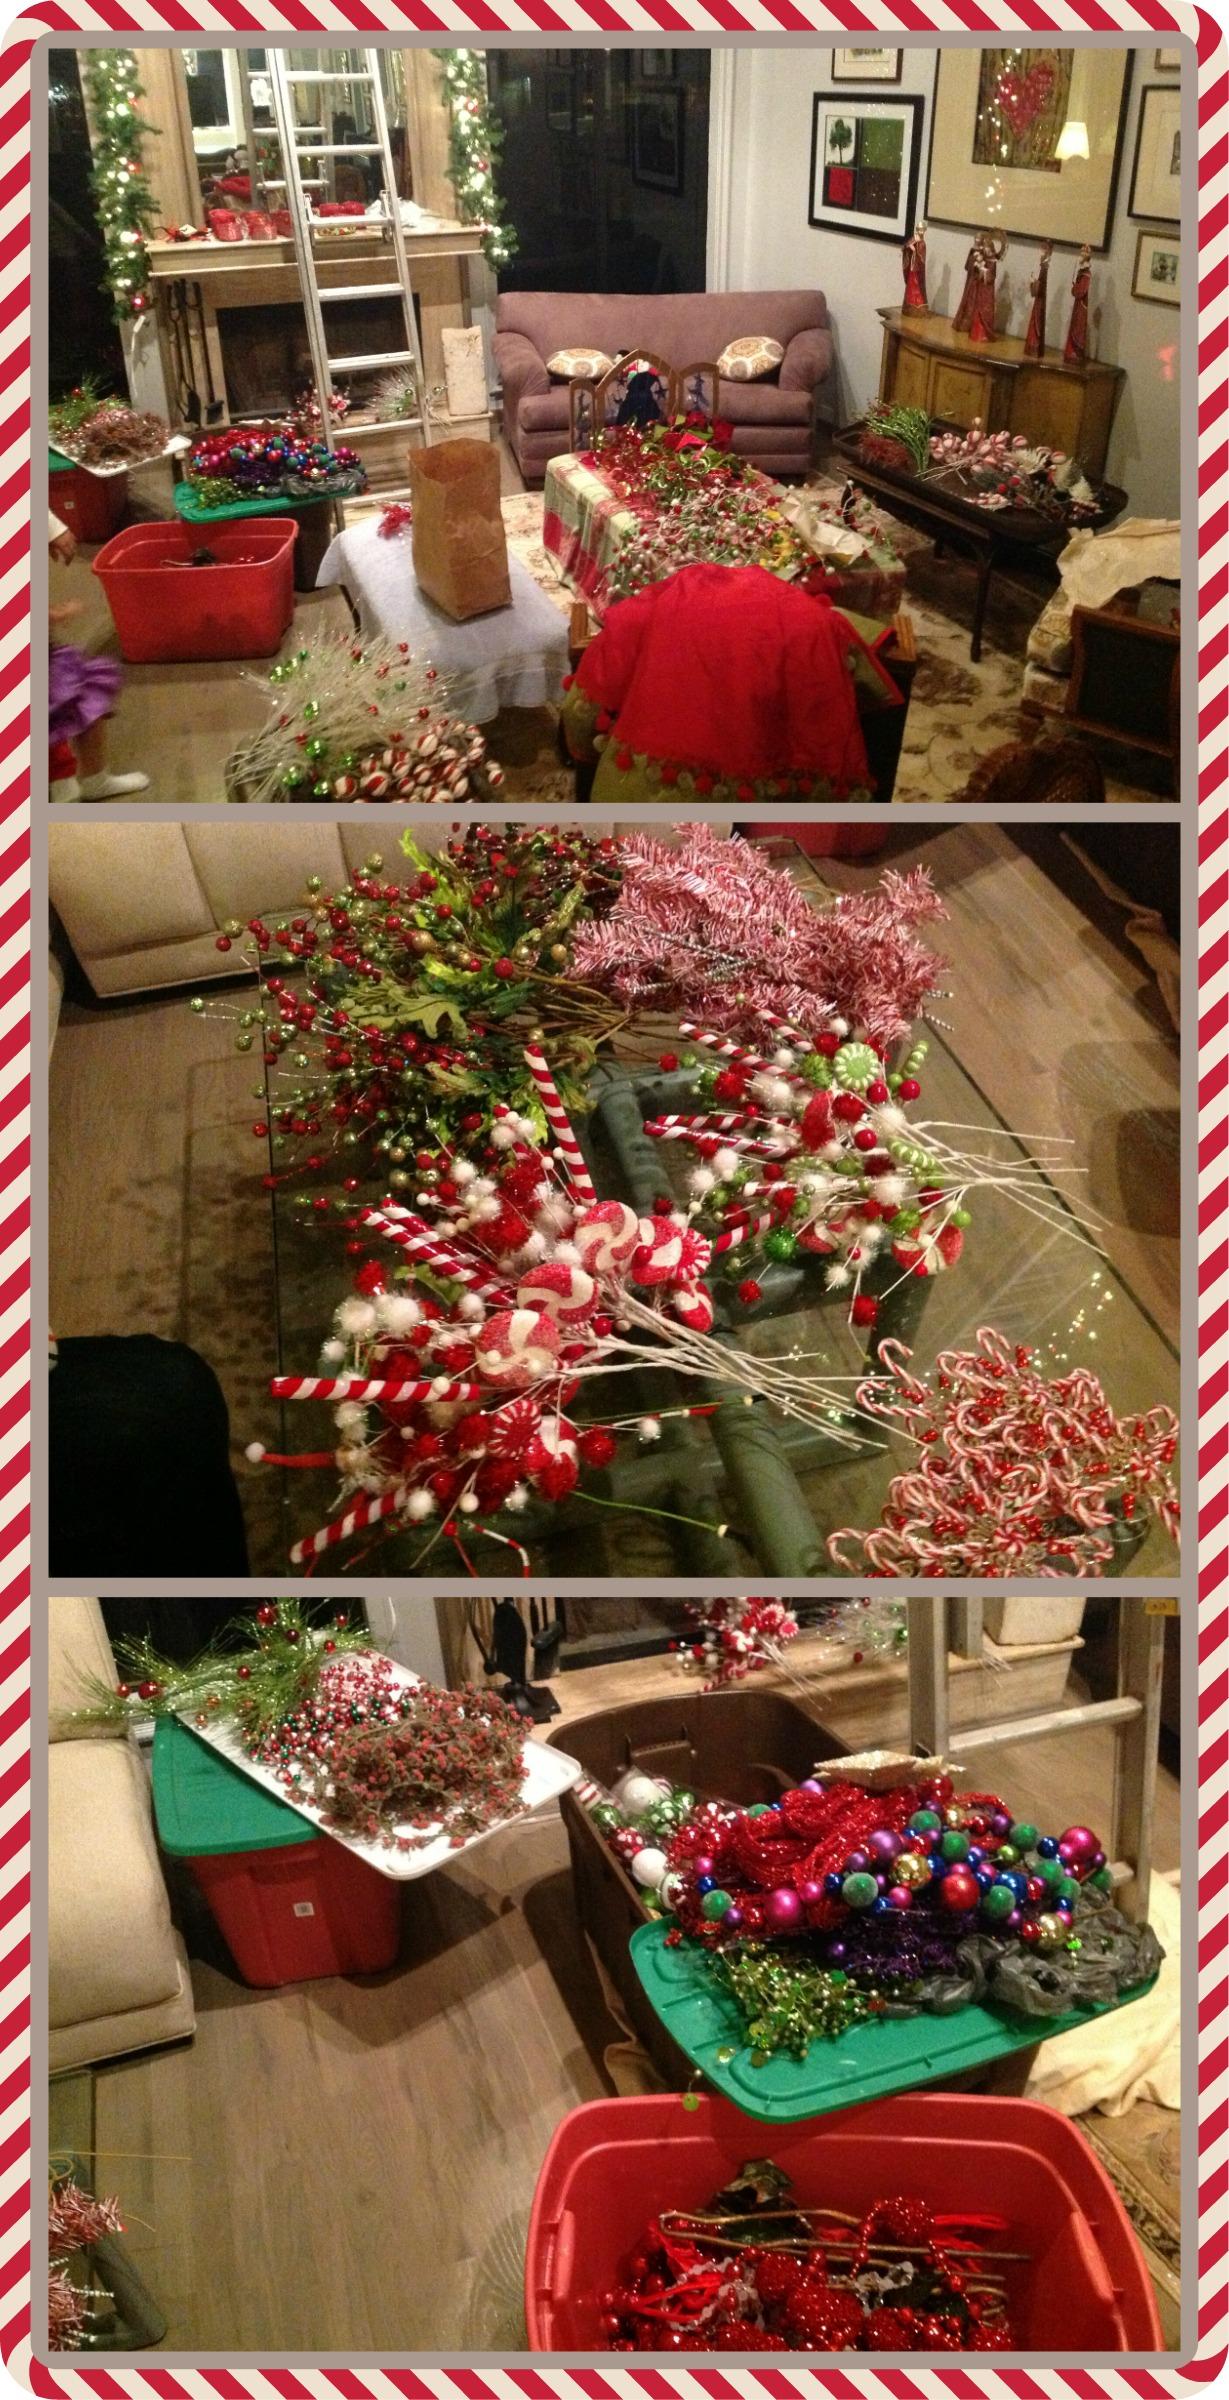 Decoraci n navide a prepar ndonos para recibir la - Decoracion navidena 2013 ...